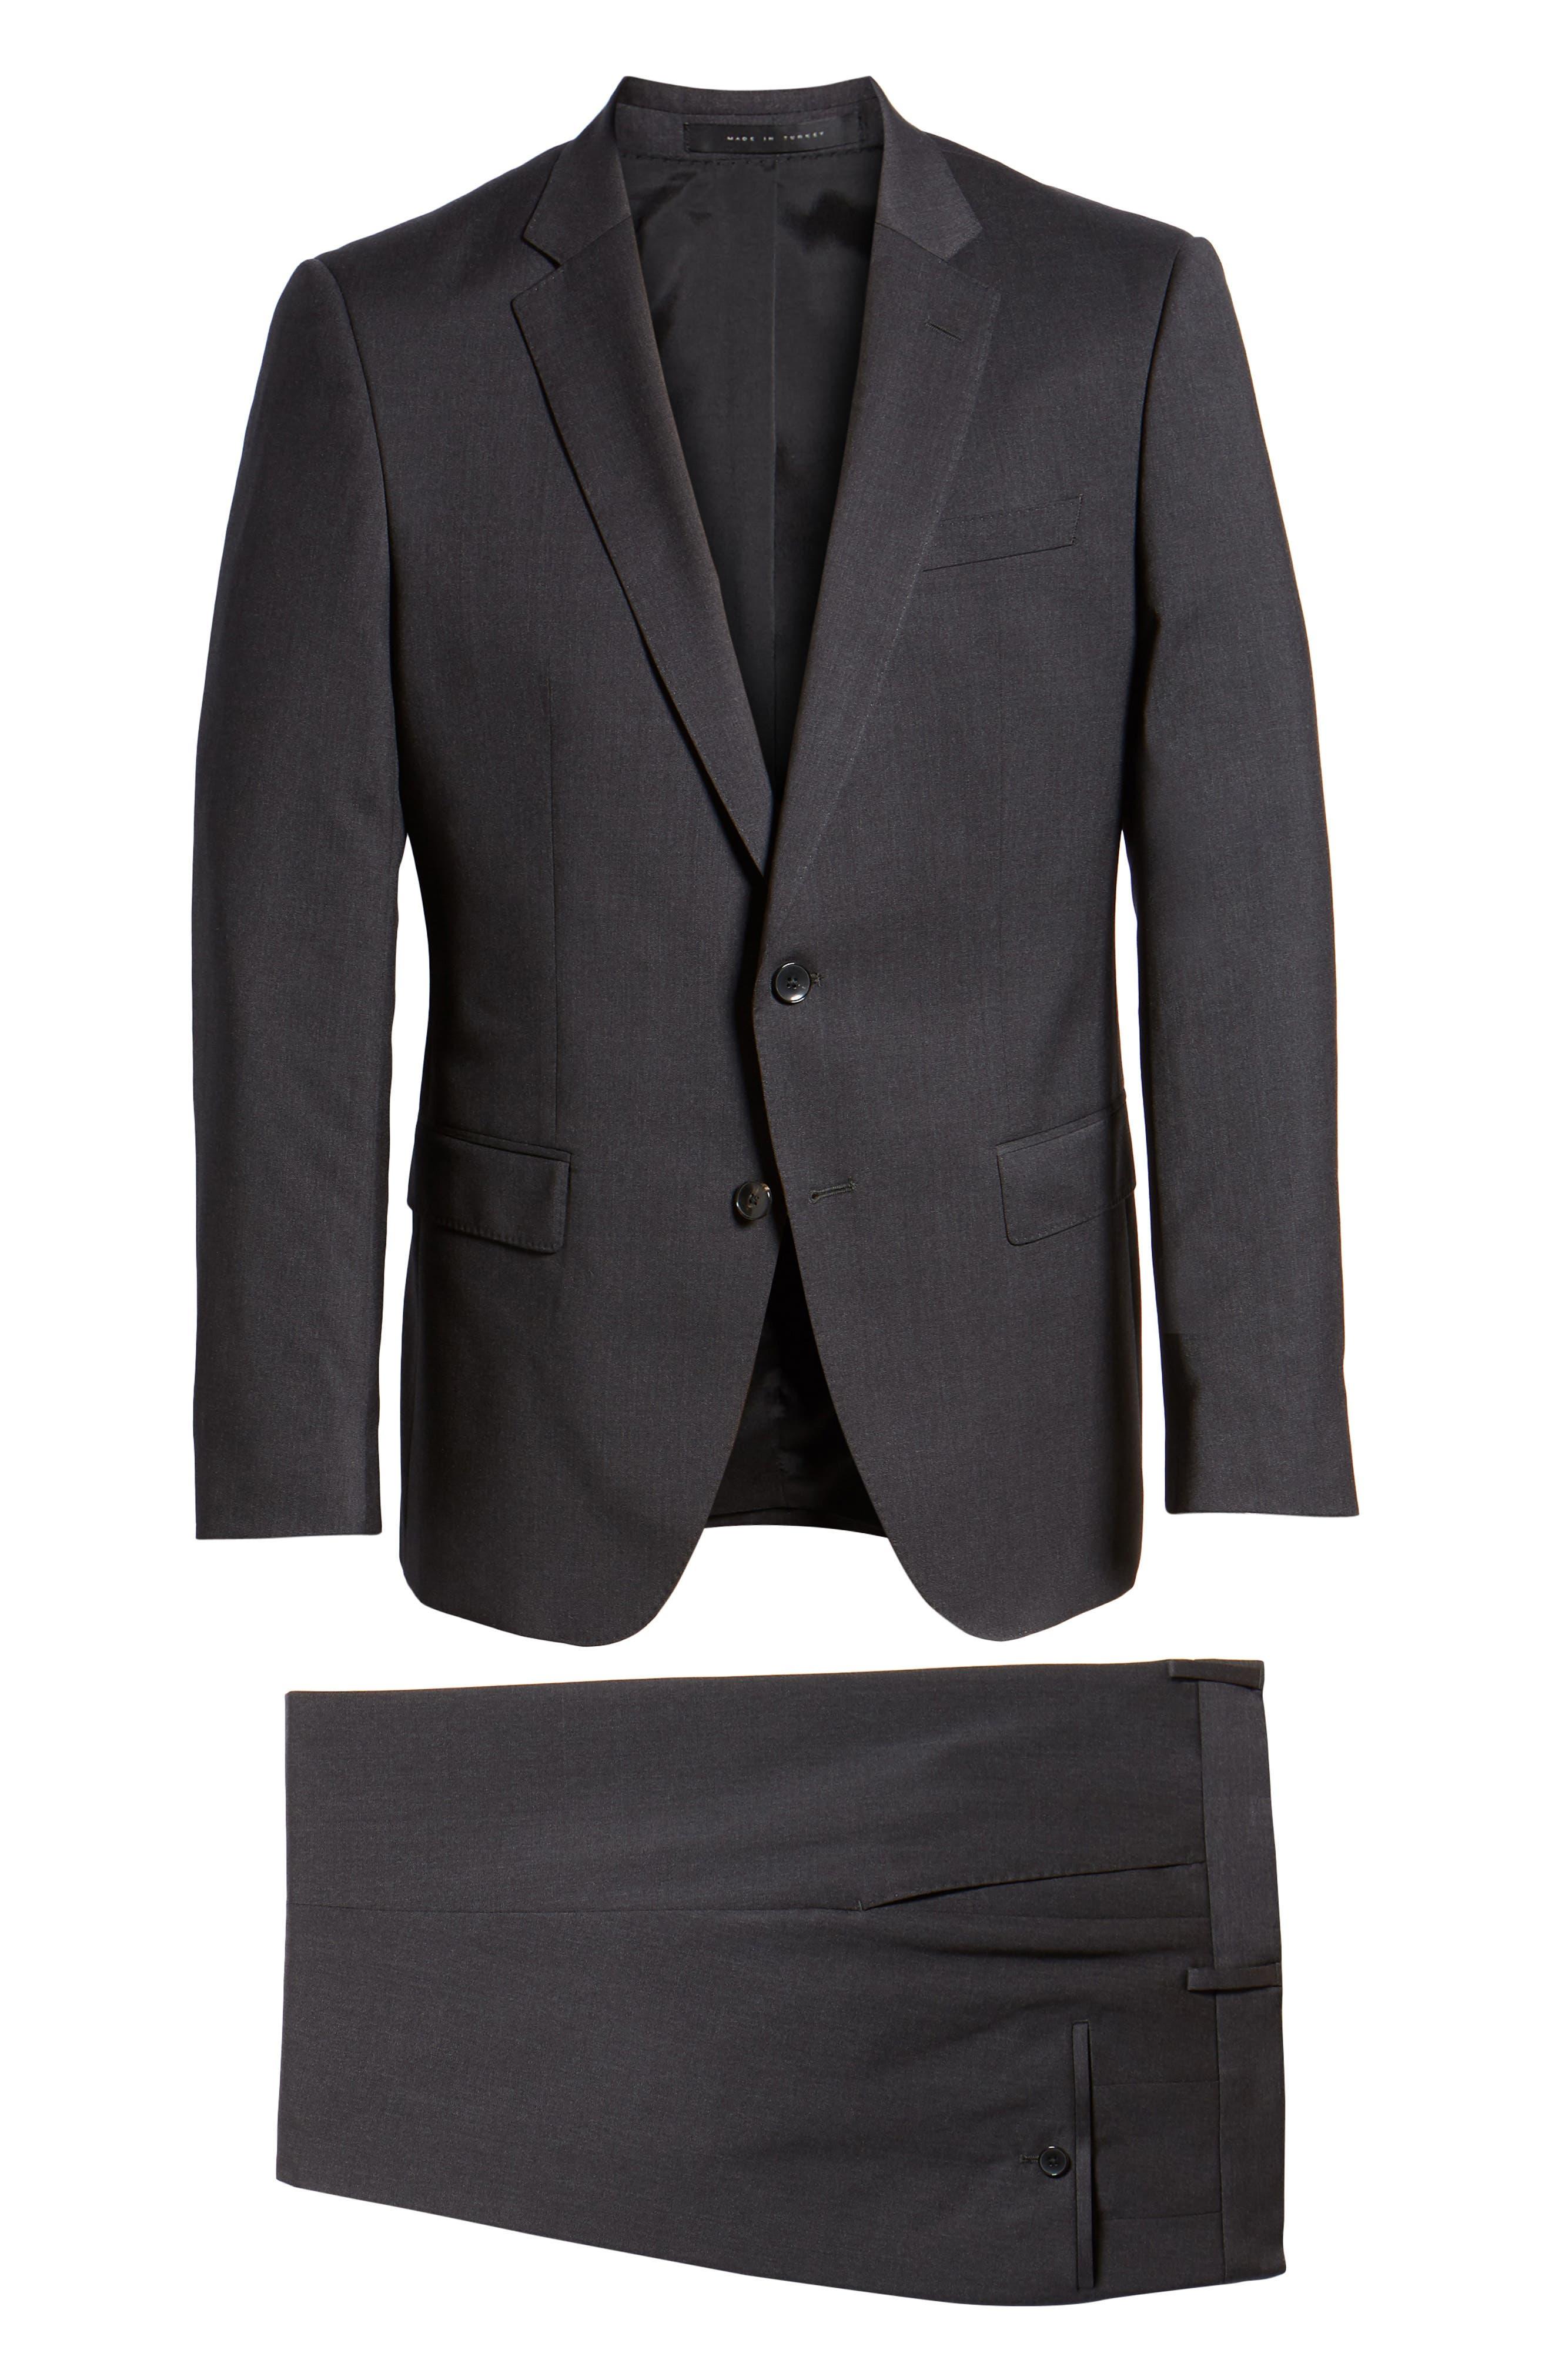 Huge/Genius Trim Fit Solid Wool Suit,                             Alternate thumbnail 8, color,                             DARK GREY